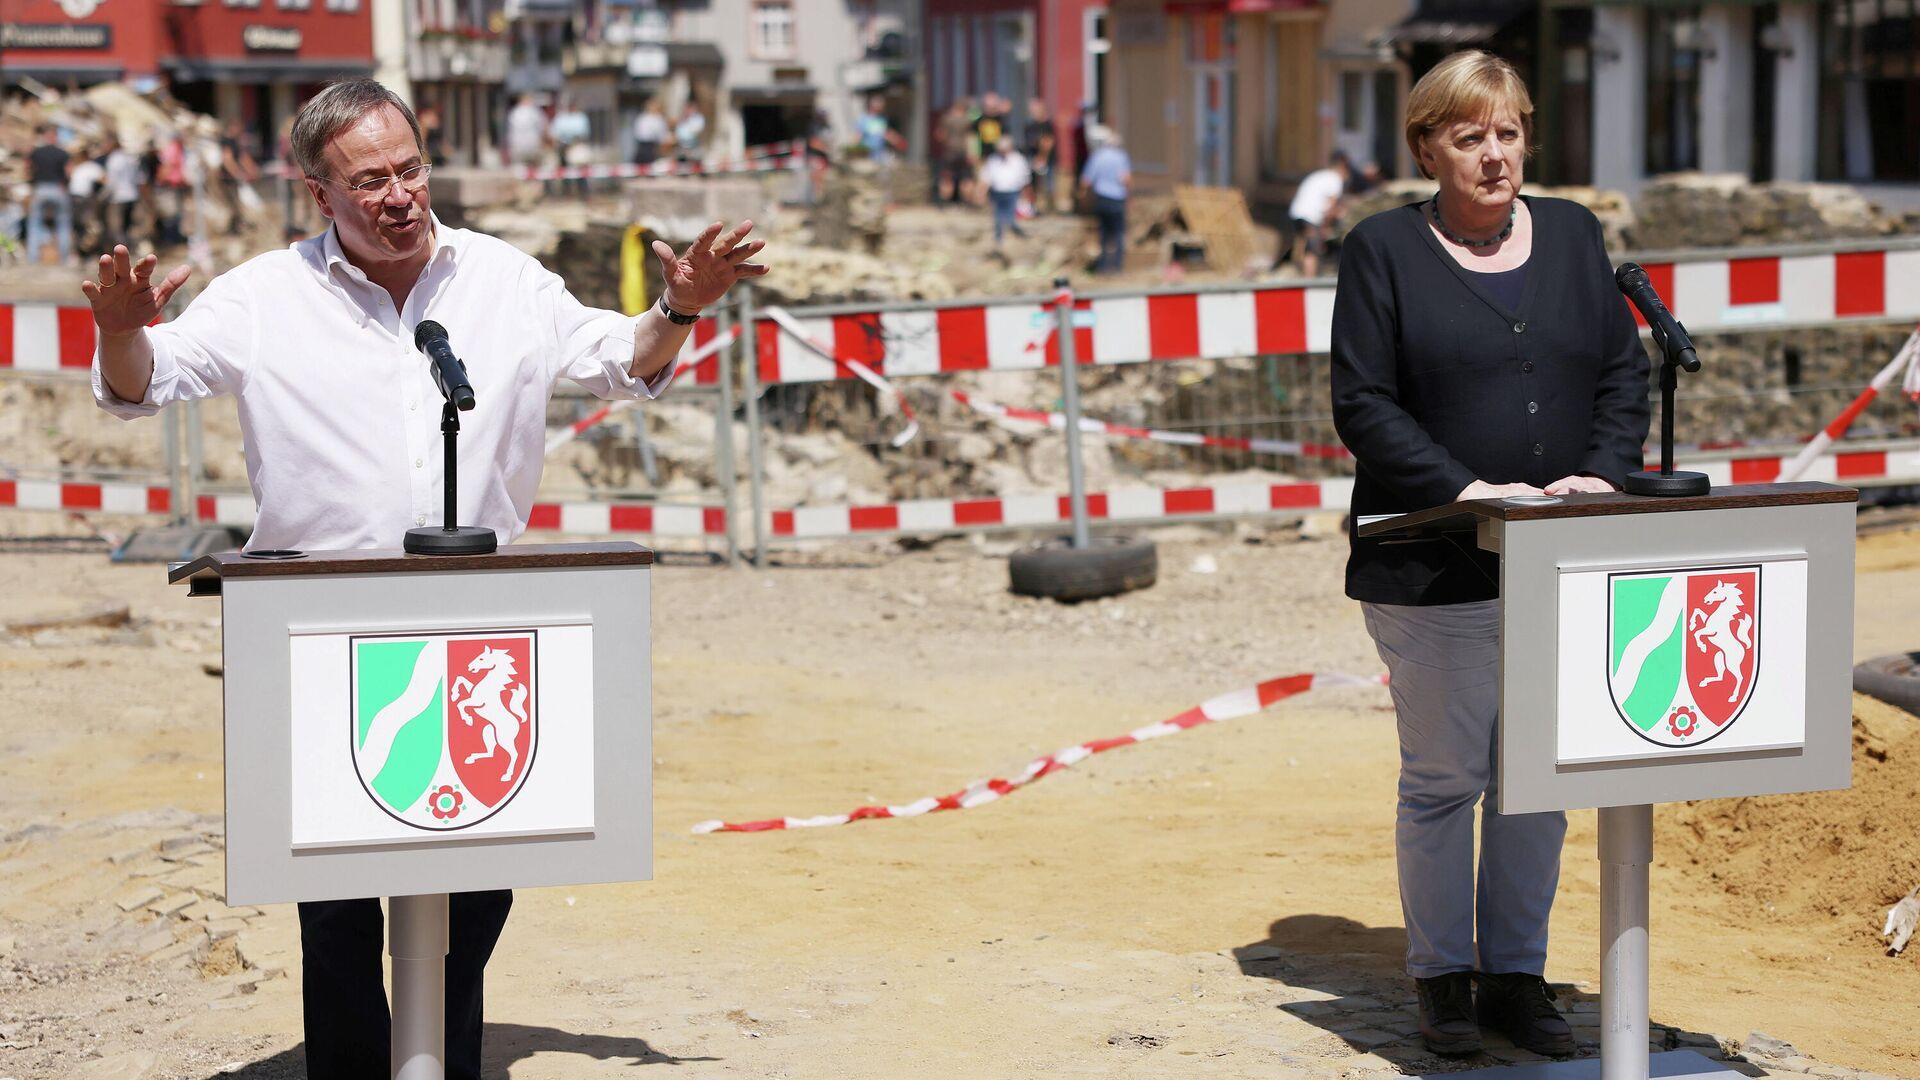 El primer ministro del estado federal de Renania del Norte-Westfalia, Armin Laschet, candidato a canciller por el bloque conservador CDU/CSU, y la canciller actual, Angela Merkel - Sputnik Mundo, 1920, 20.07.2021